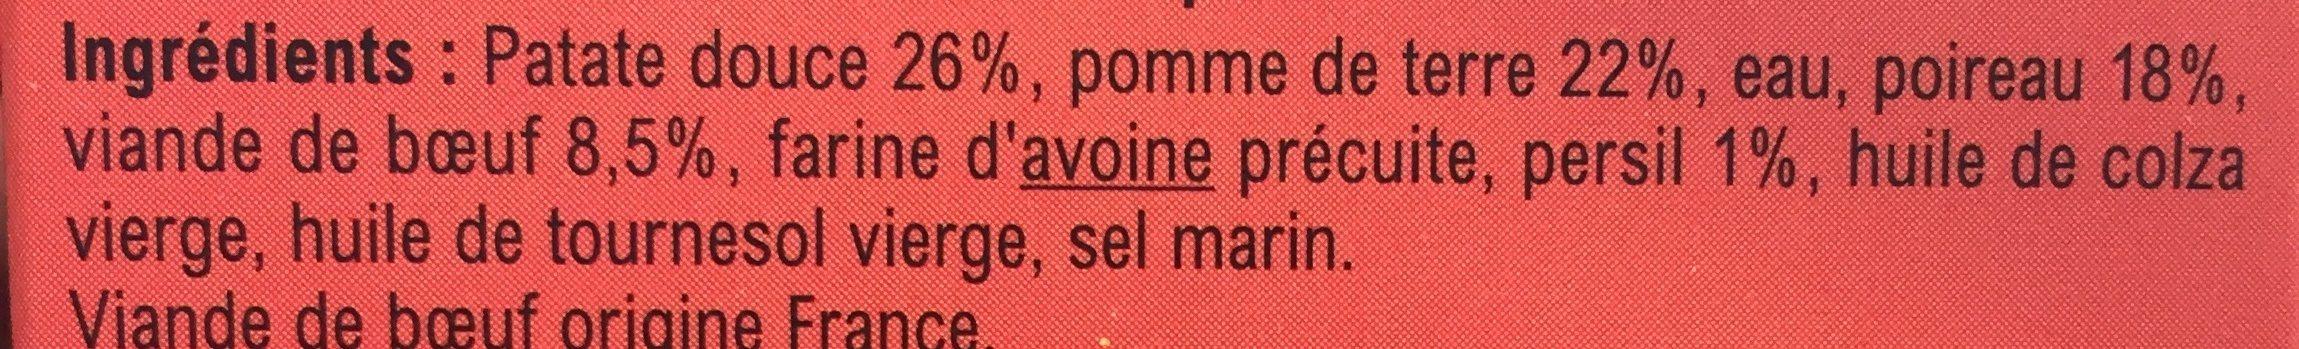 Fine purée de Patate douce, Pomme de Terre, Poireaux, Bœuf, Persil - Ingrediënten